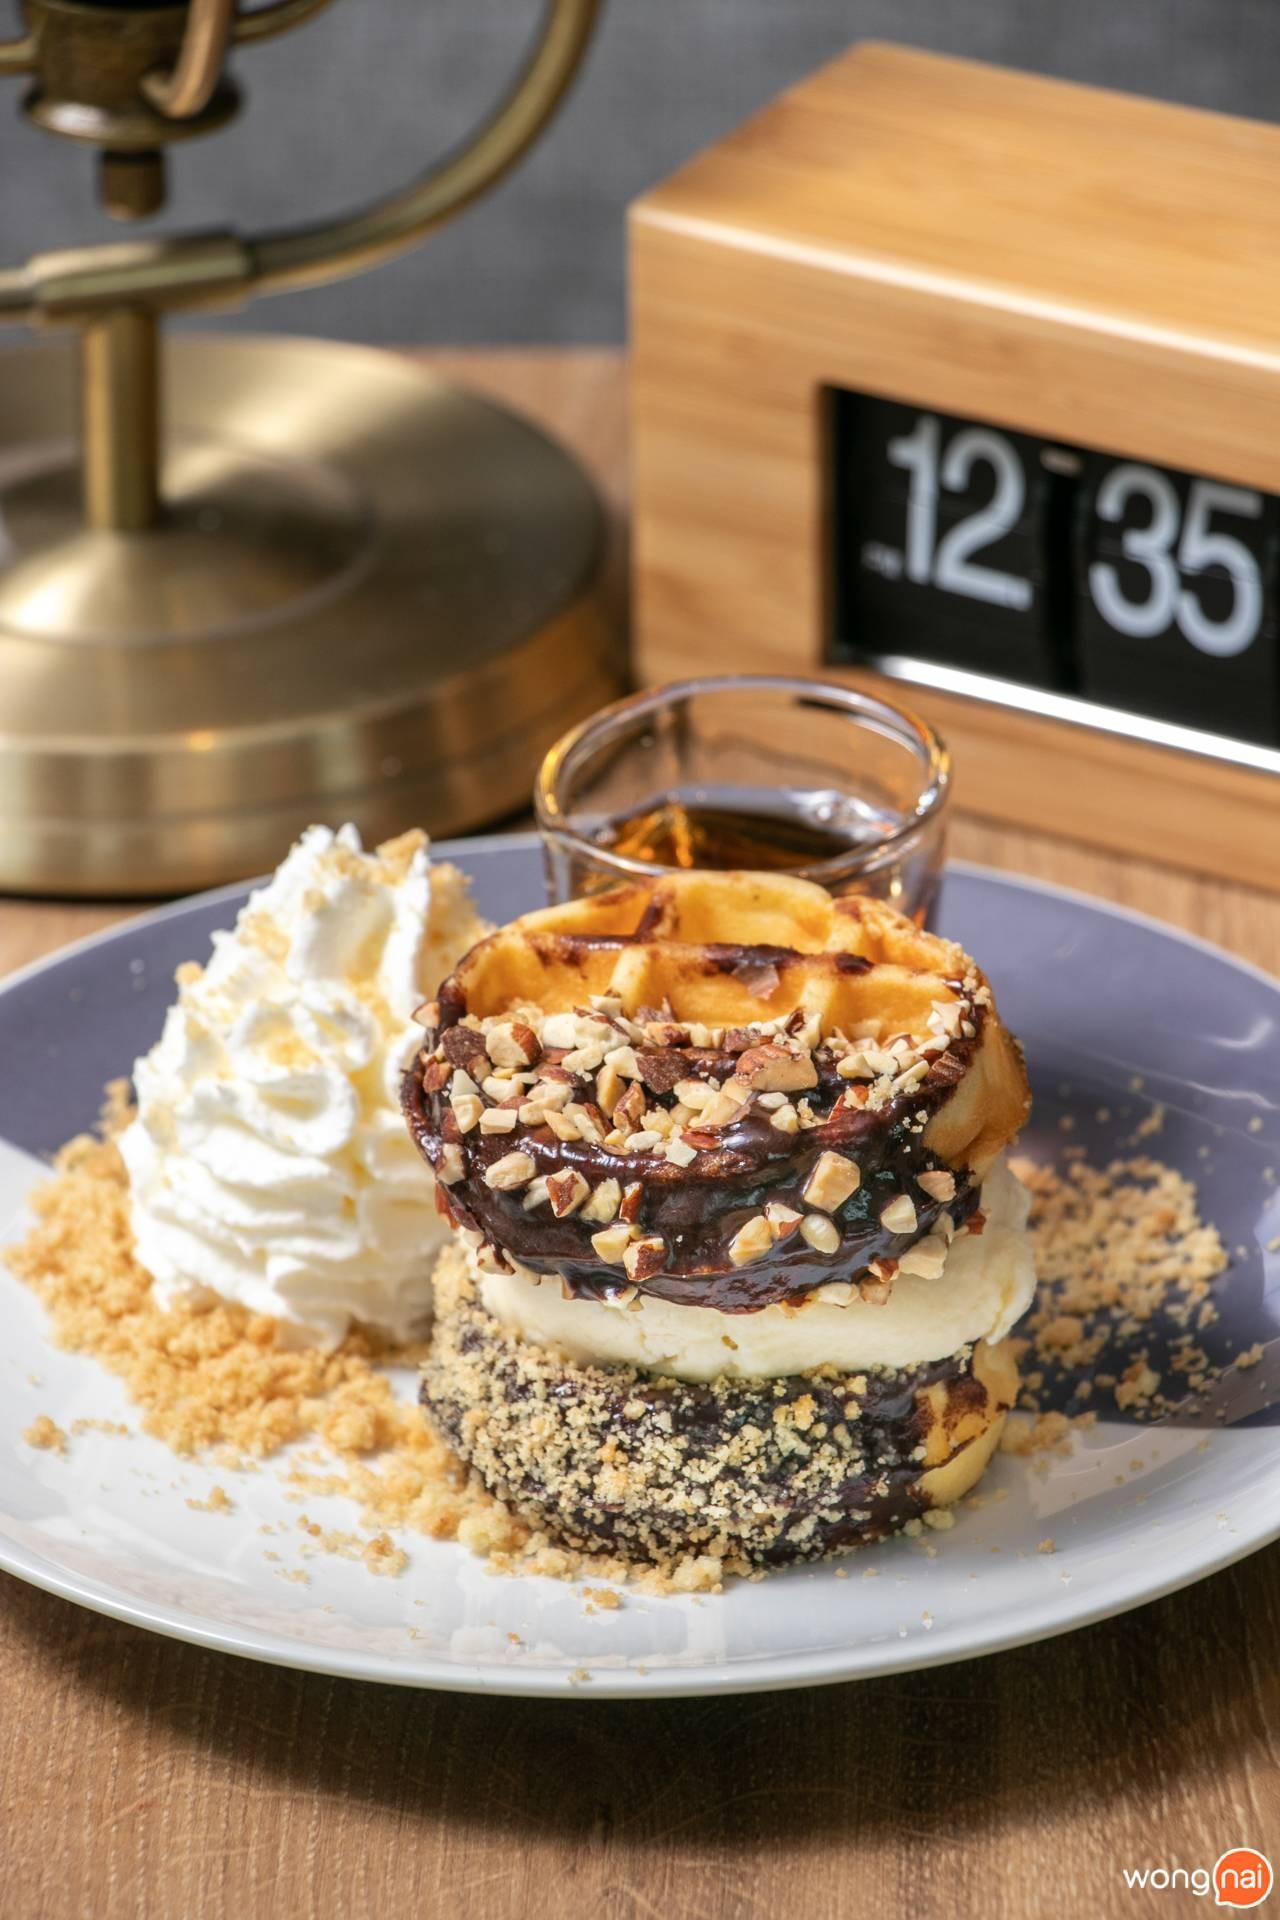 เมนู Waffle Ice Cream Sandwich ร้าน Coffee World สาขา ลำลูกกา